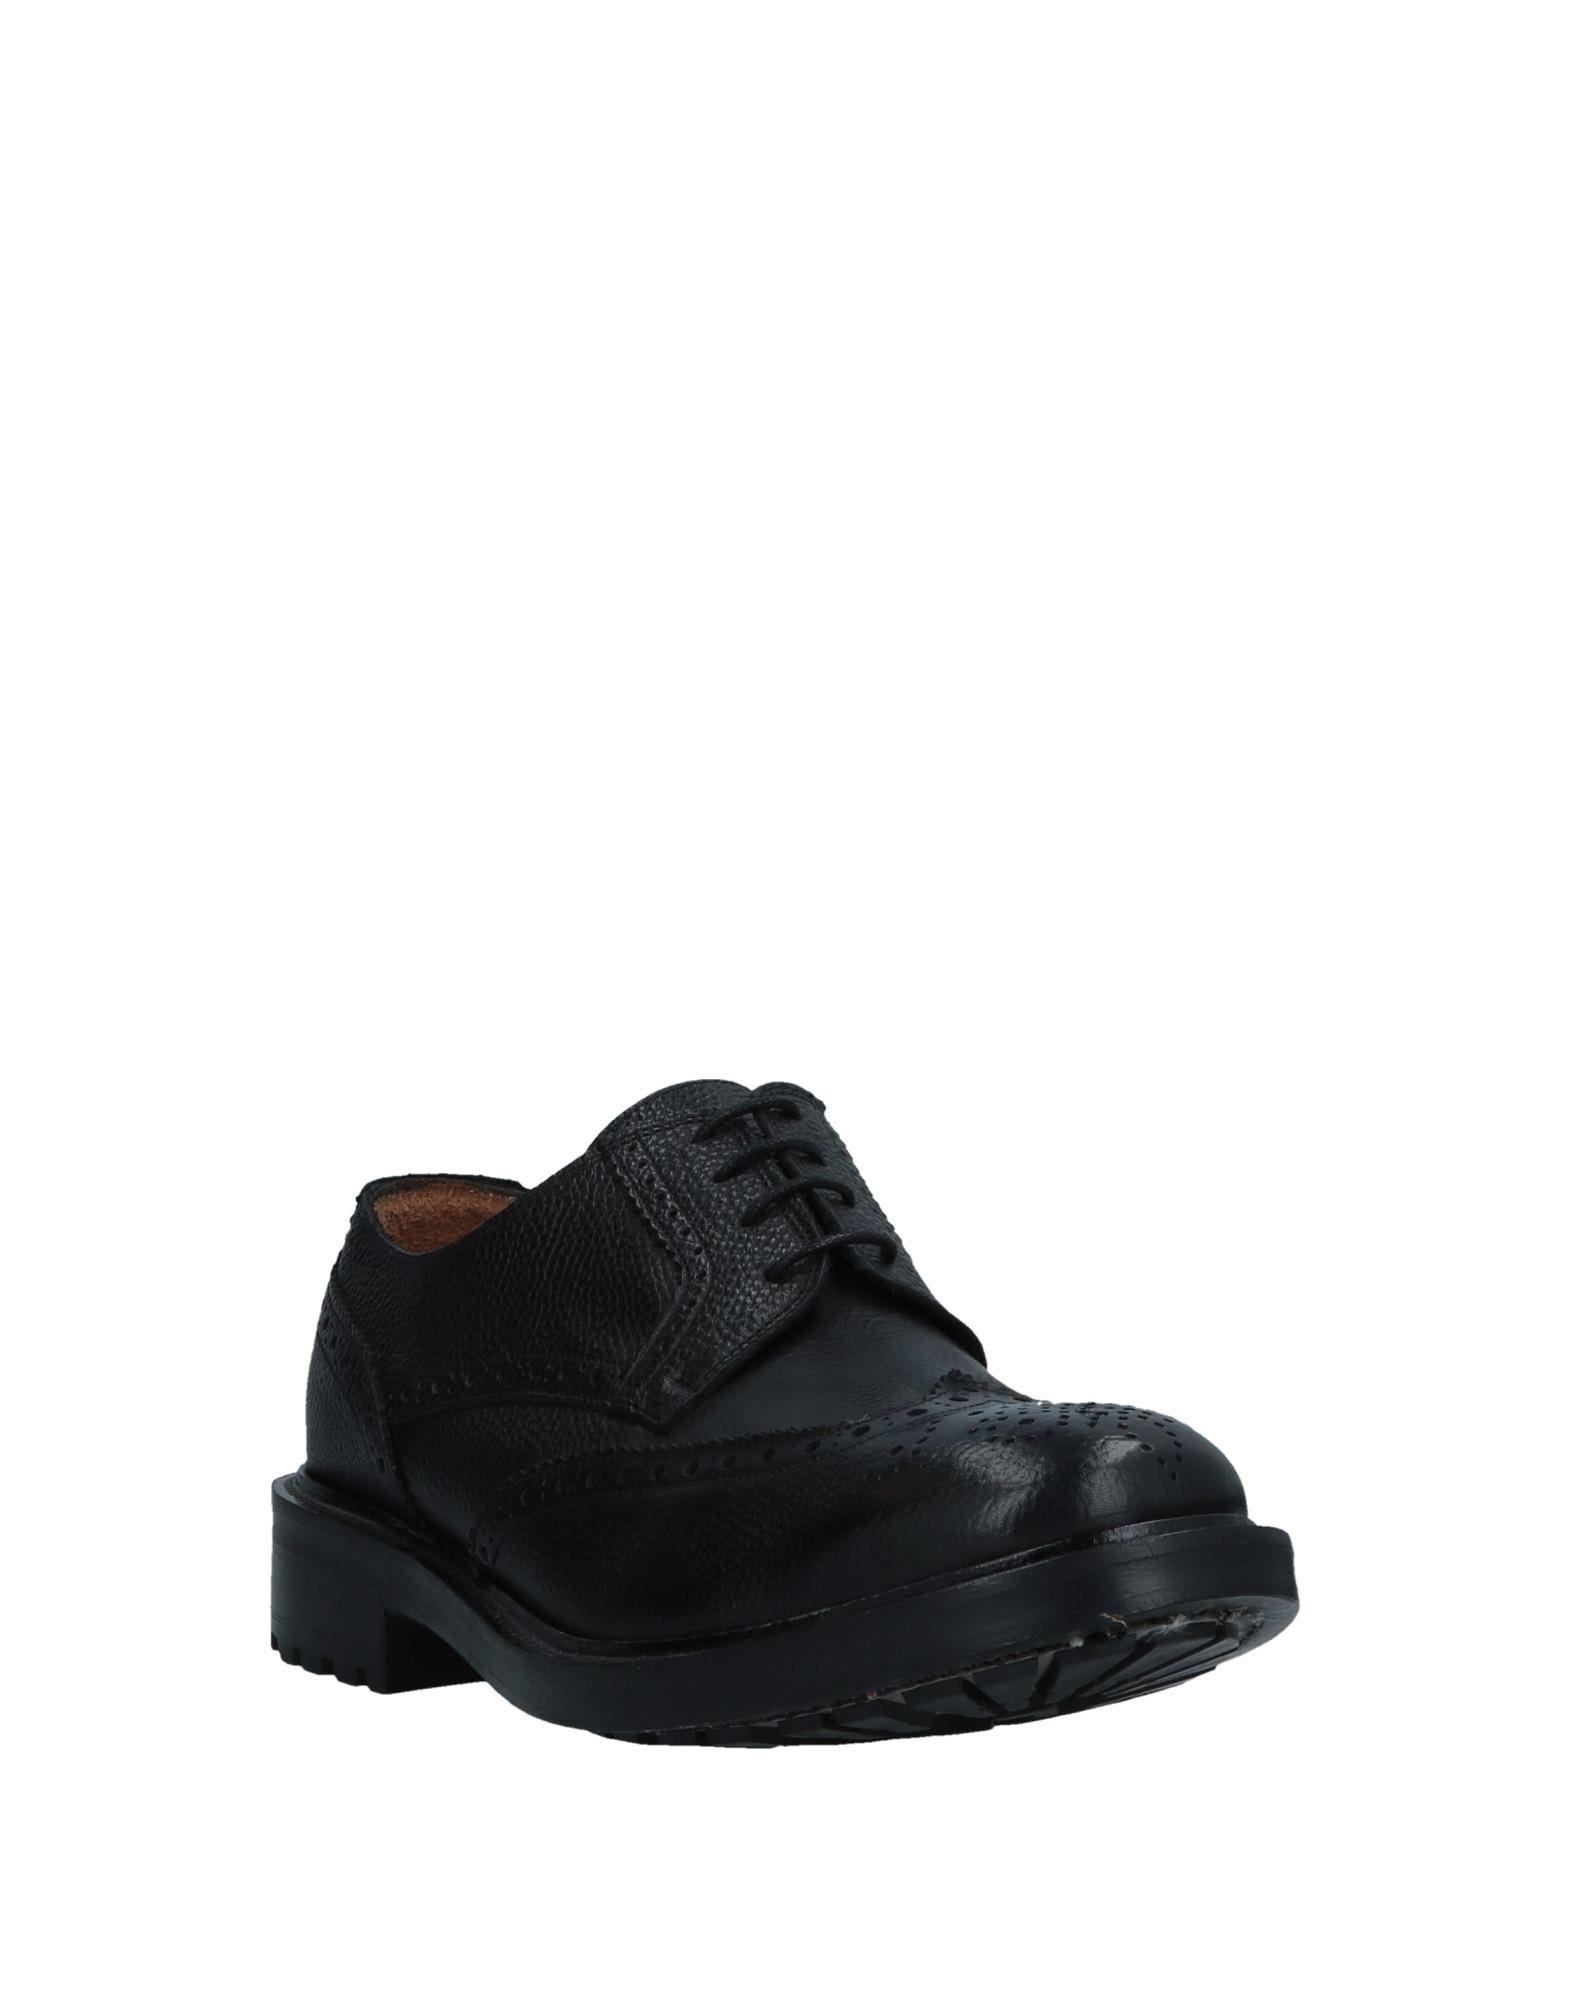 Brawn's Schnürschuhe Herren  11526616PE Gute Qualität beliebte Schuhe